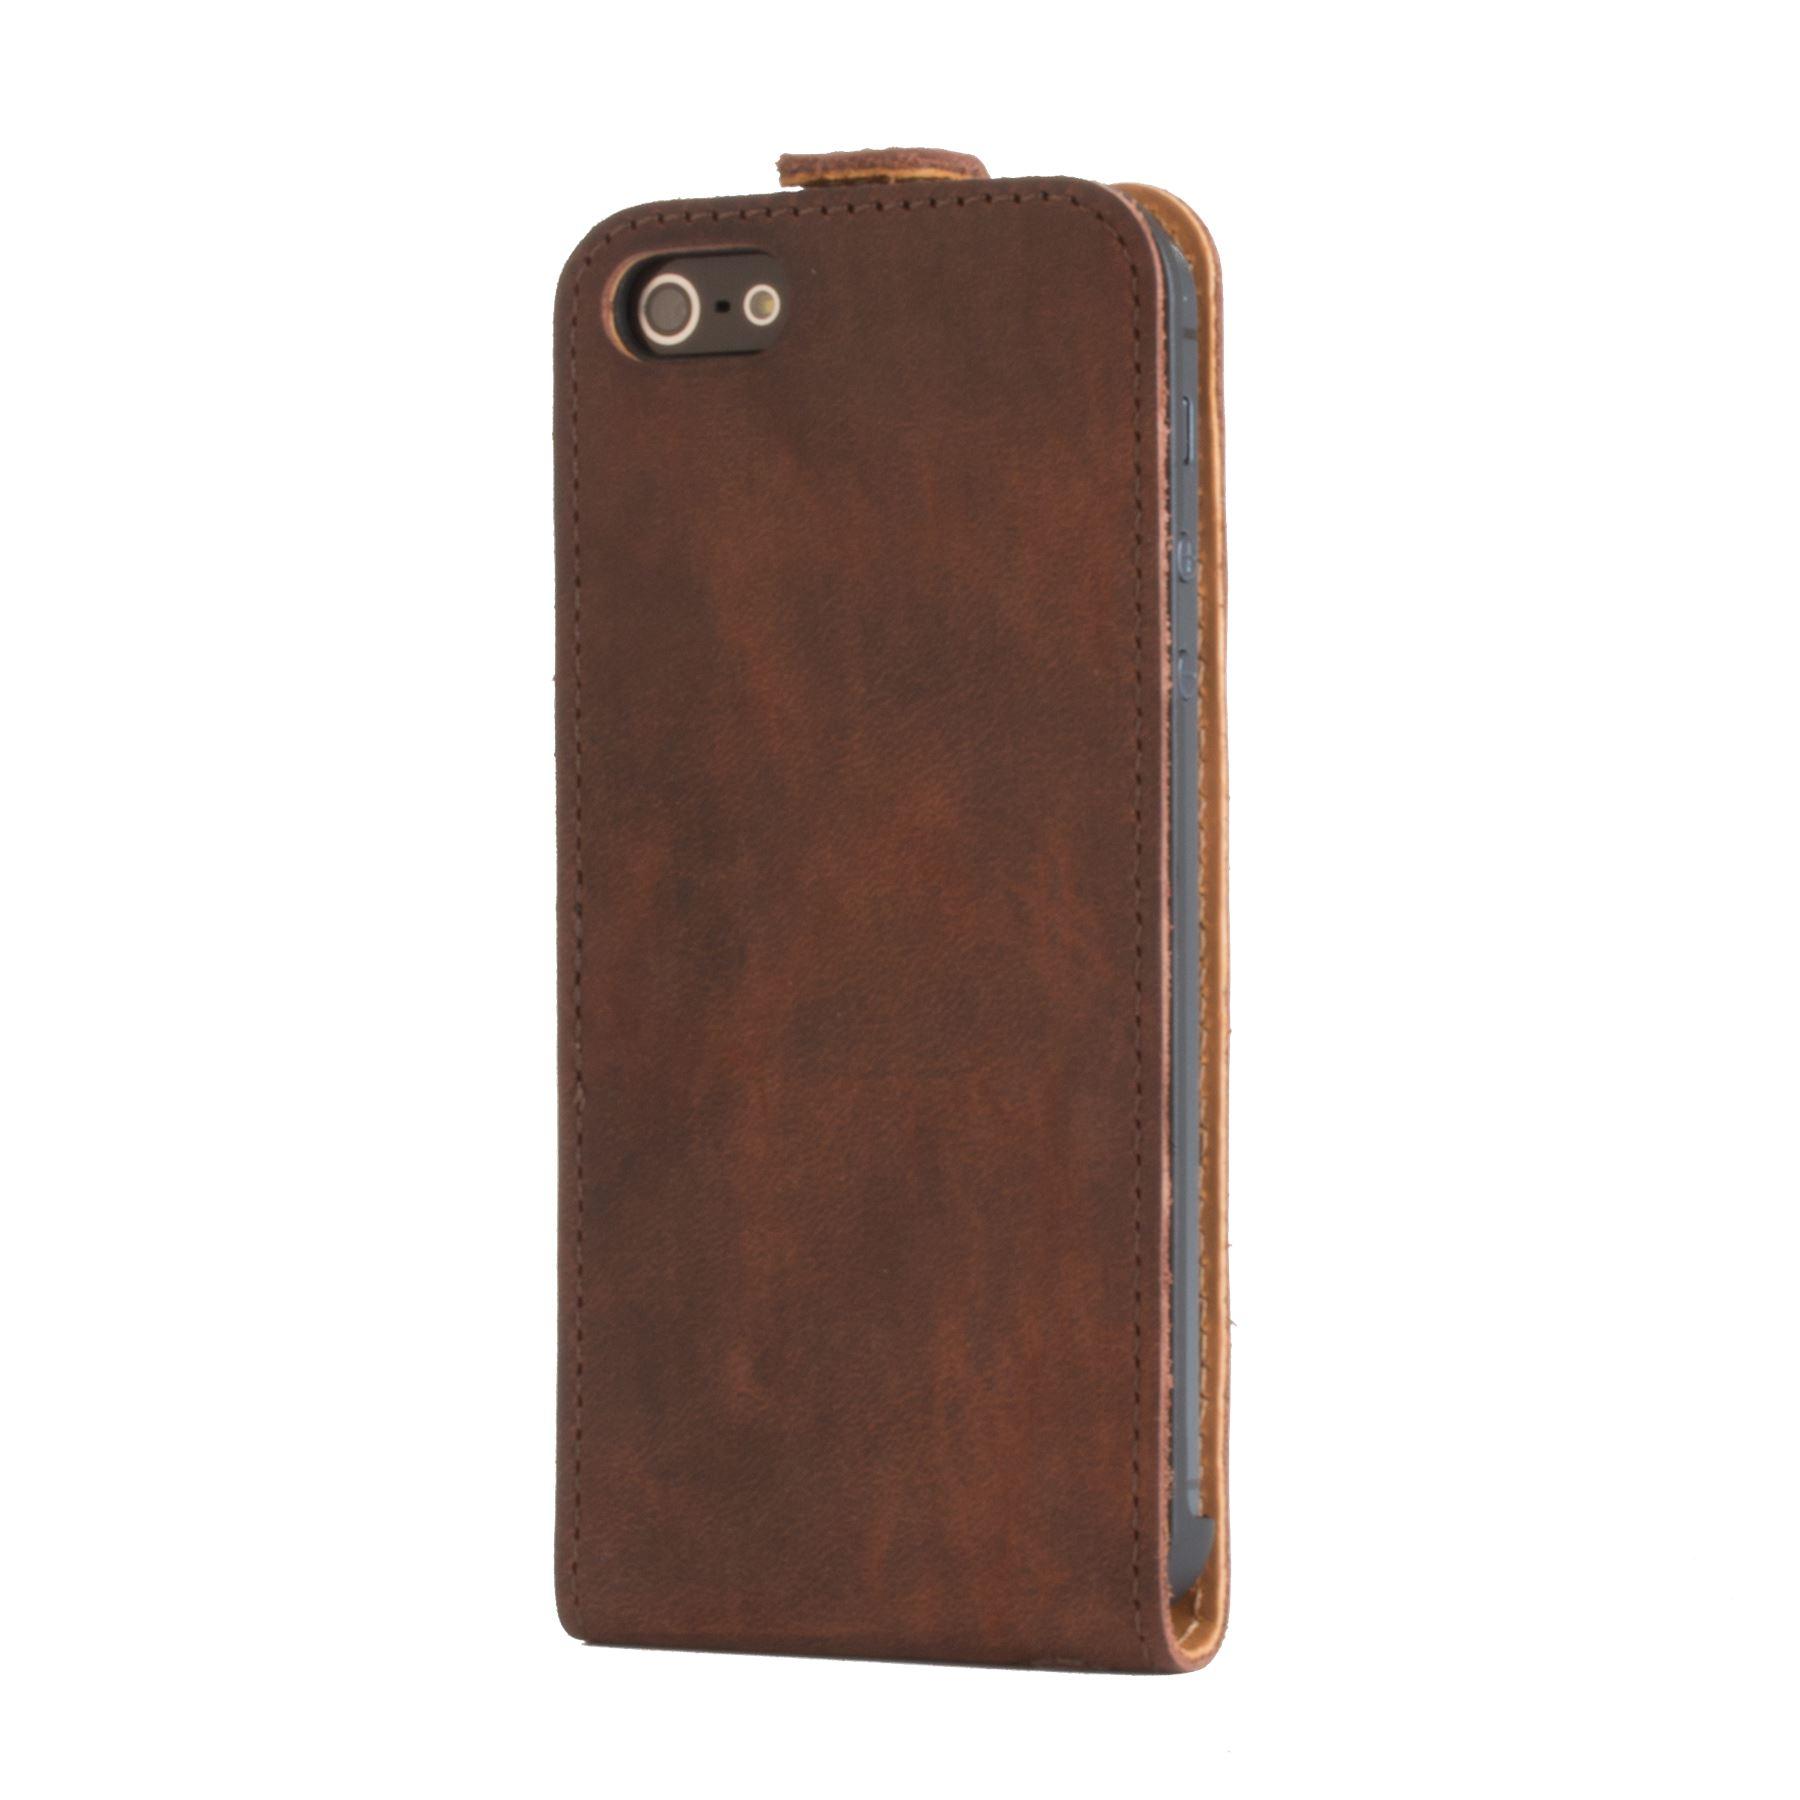 snakehive vintage nubuck leather flip case cover for apple iphone 5 5s ebay. Black Bedroom Furniture Sets. Home Design Ideas